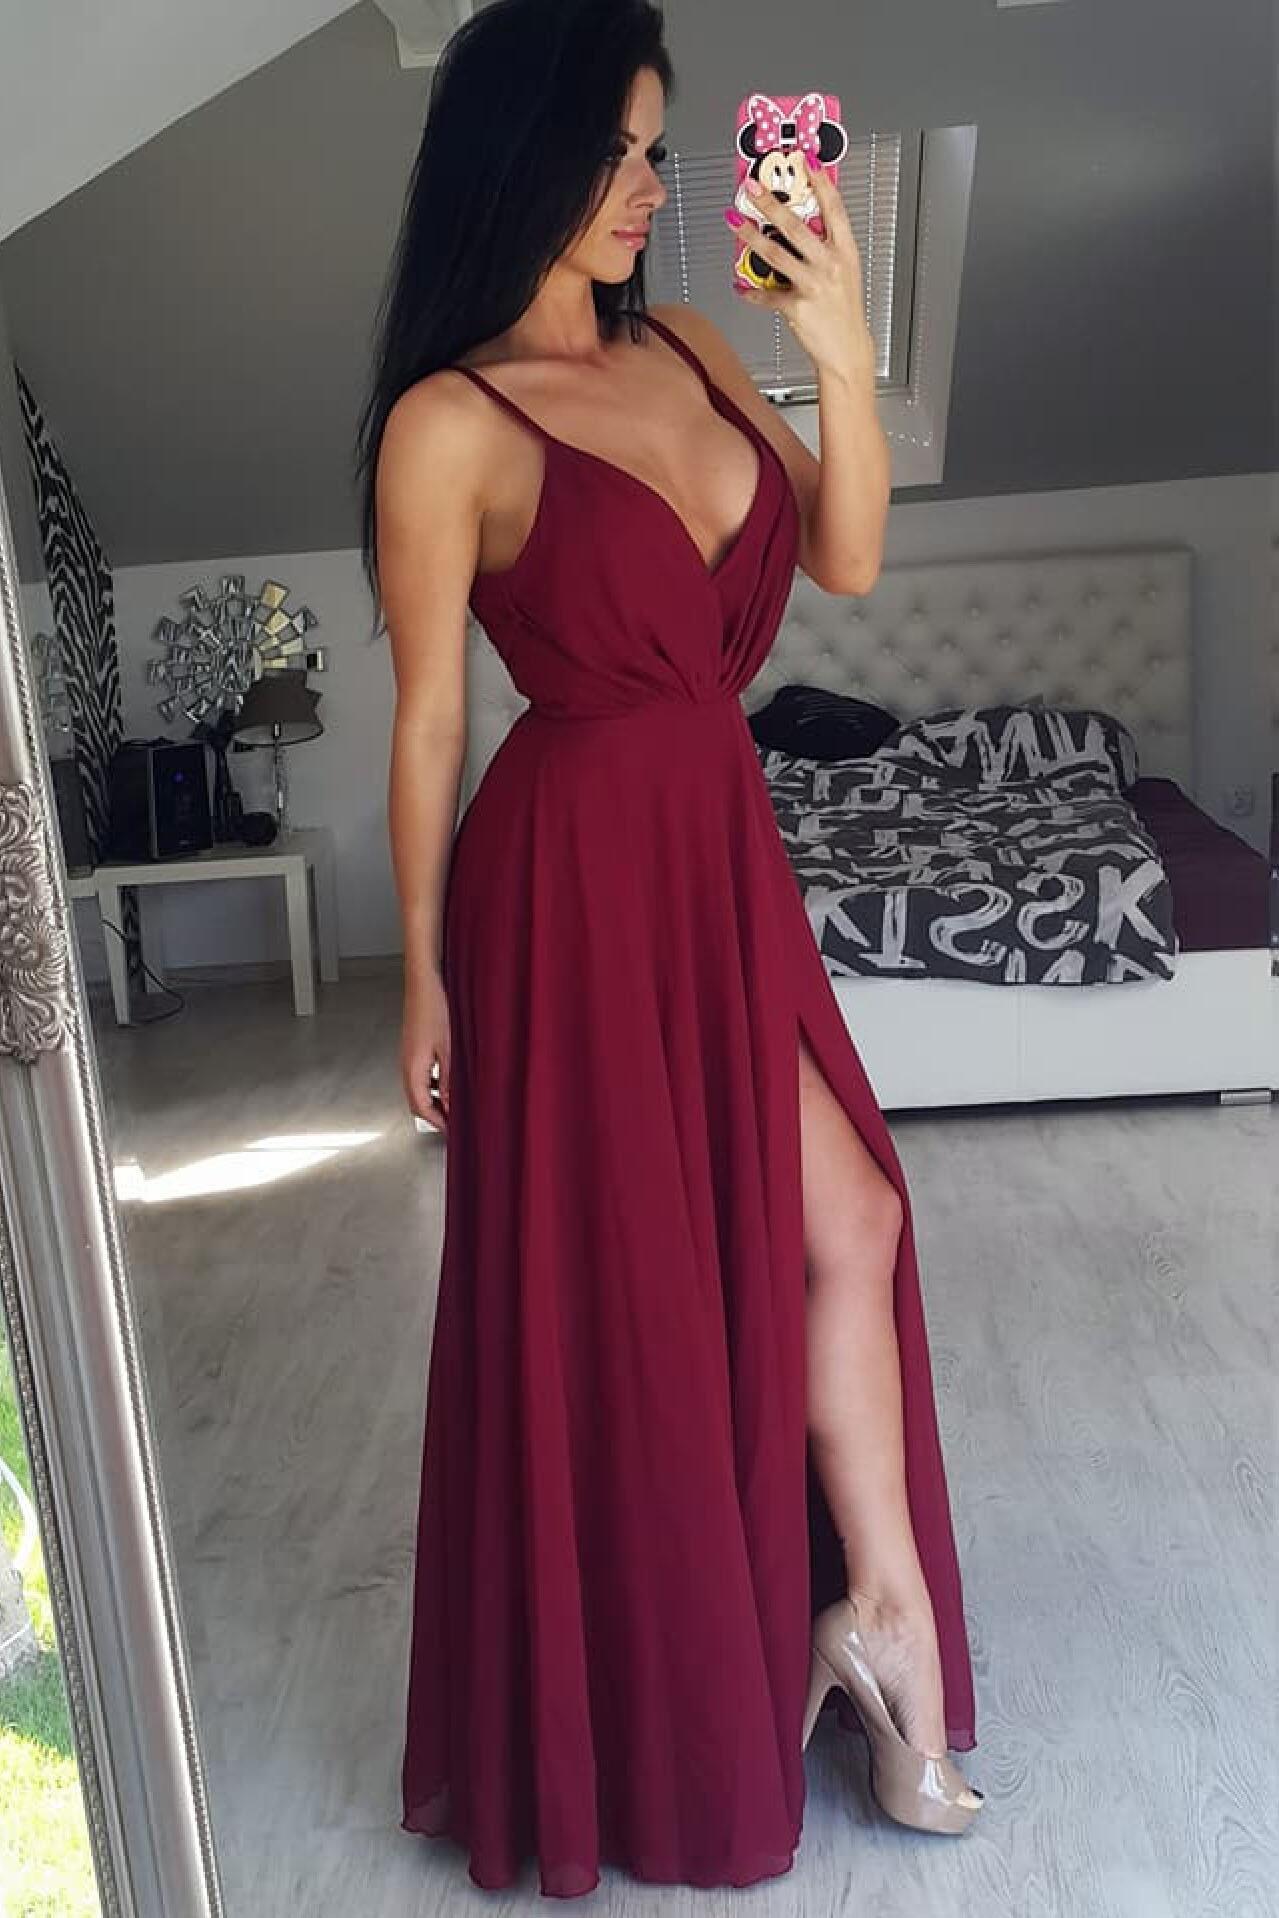 Spaghetti Straps Burgundy V Neck Prom Dress Sexy Slit